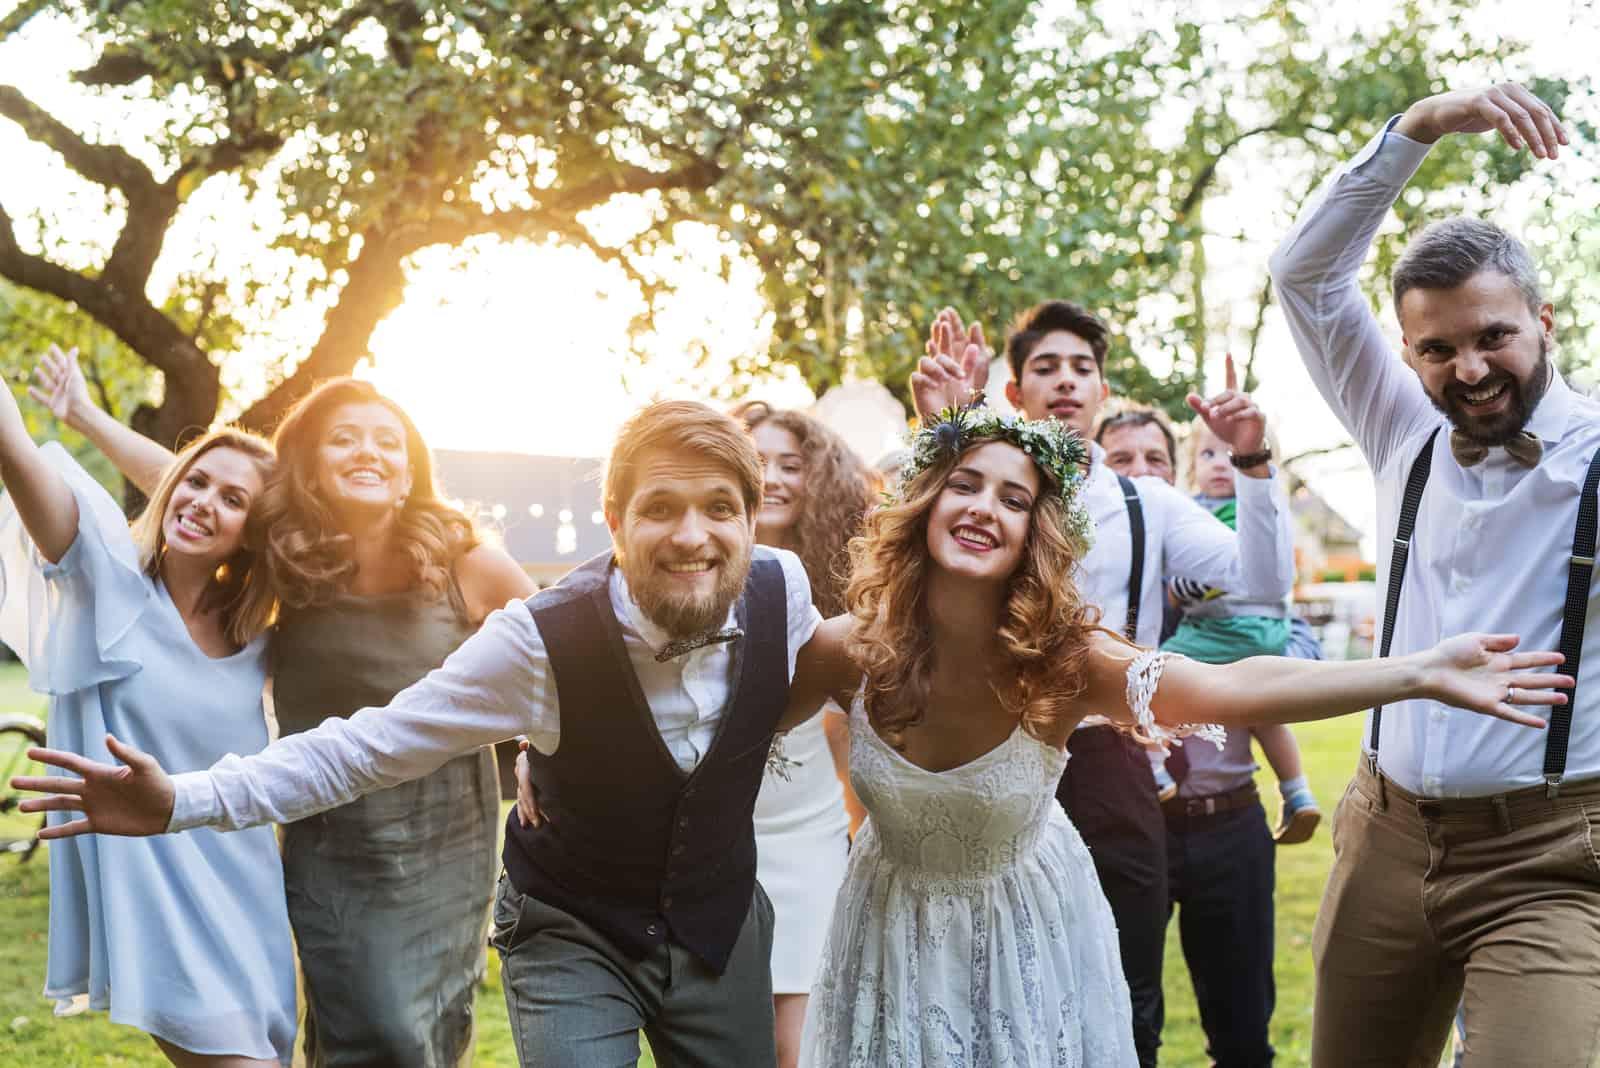 Braut, Bräutigam, Gäste posieren für das Foto bei der Hochzeitsfeier draußen im Hinterhof